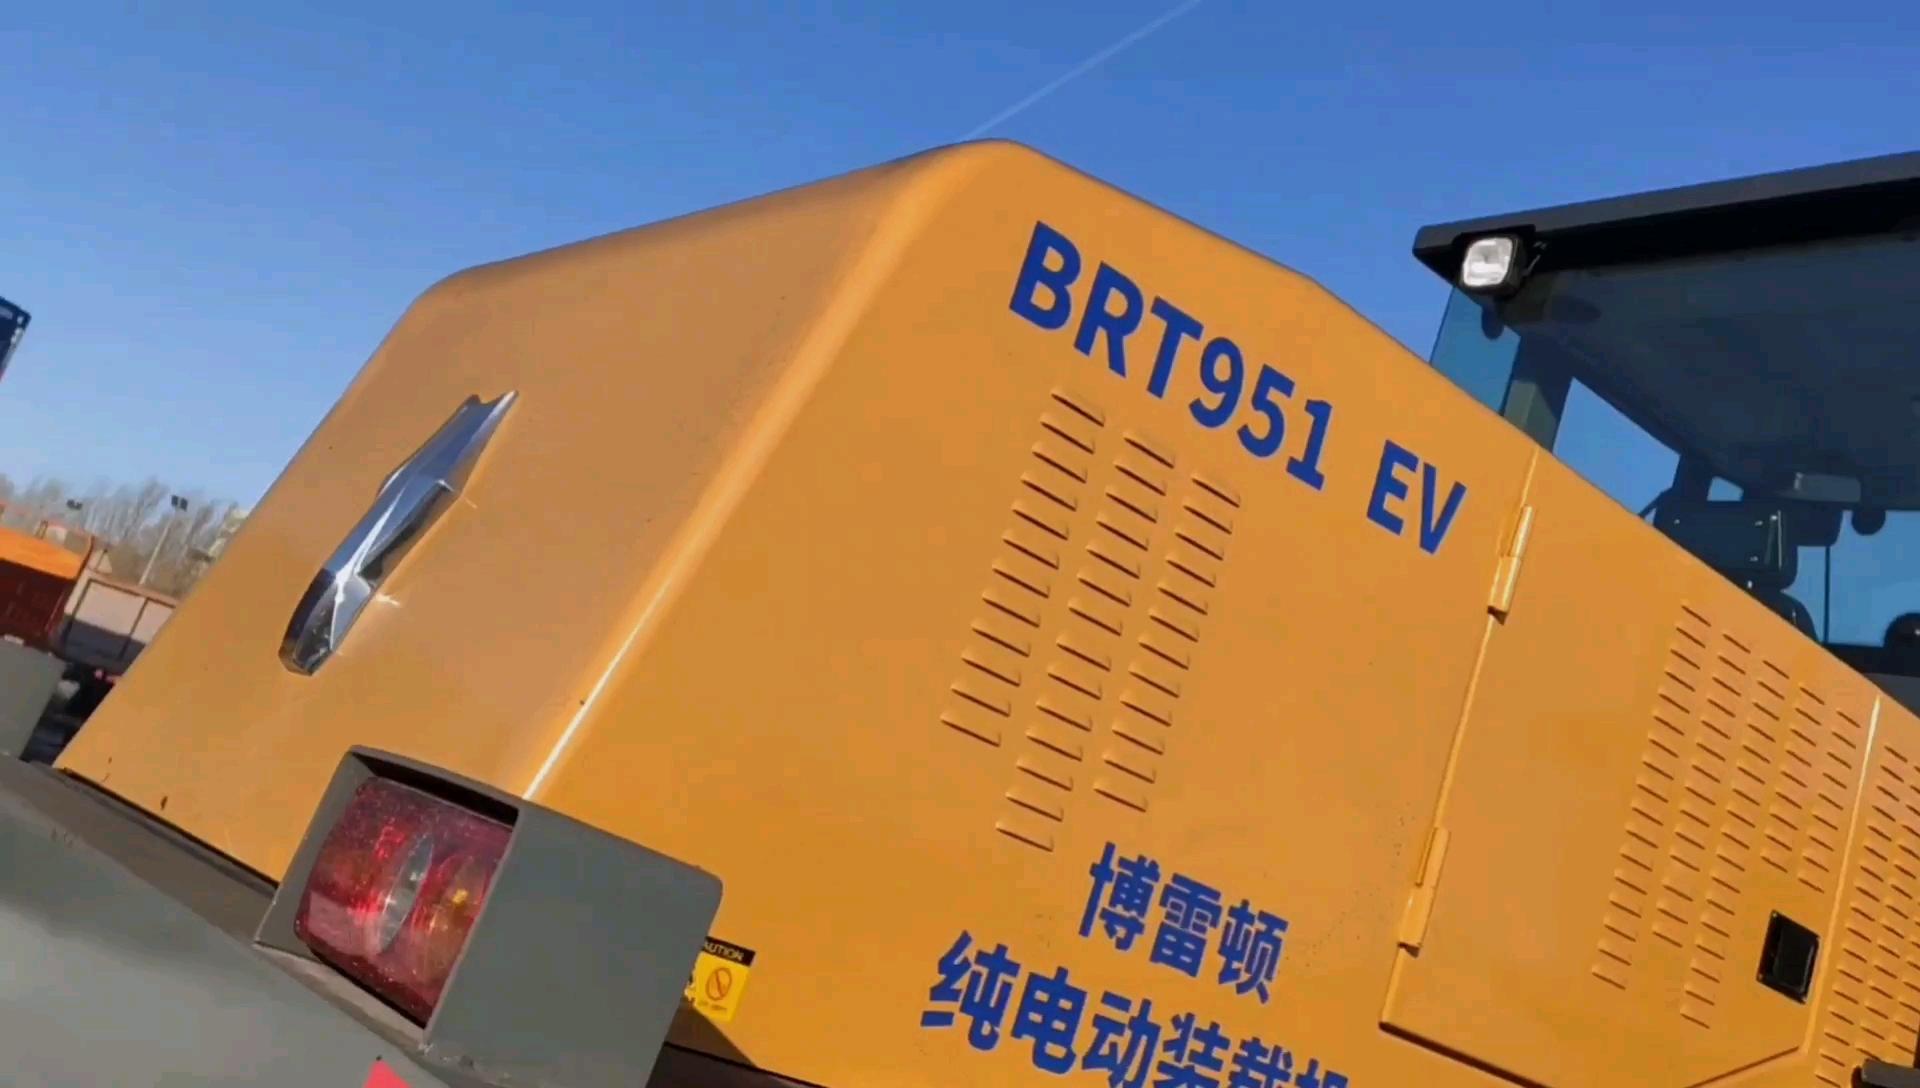 博雷顿纯电动BRT951装载机来了?。?!